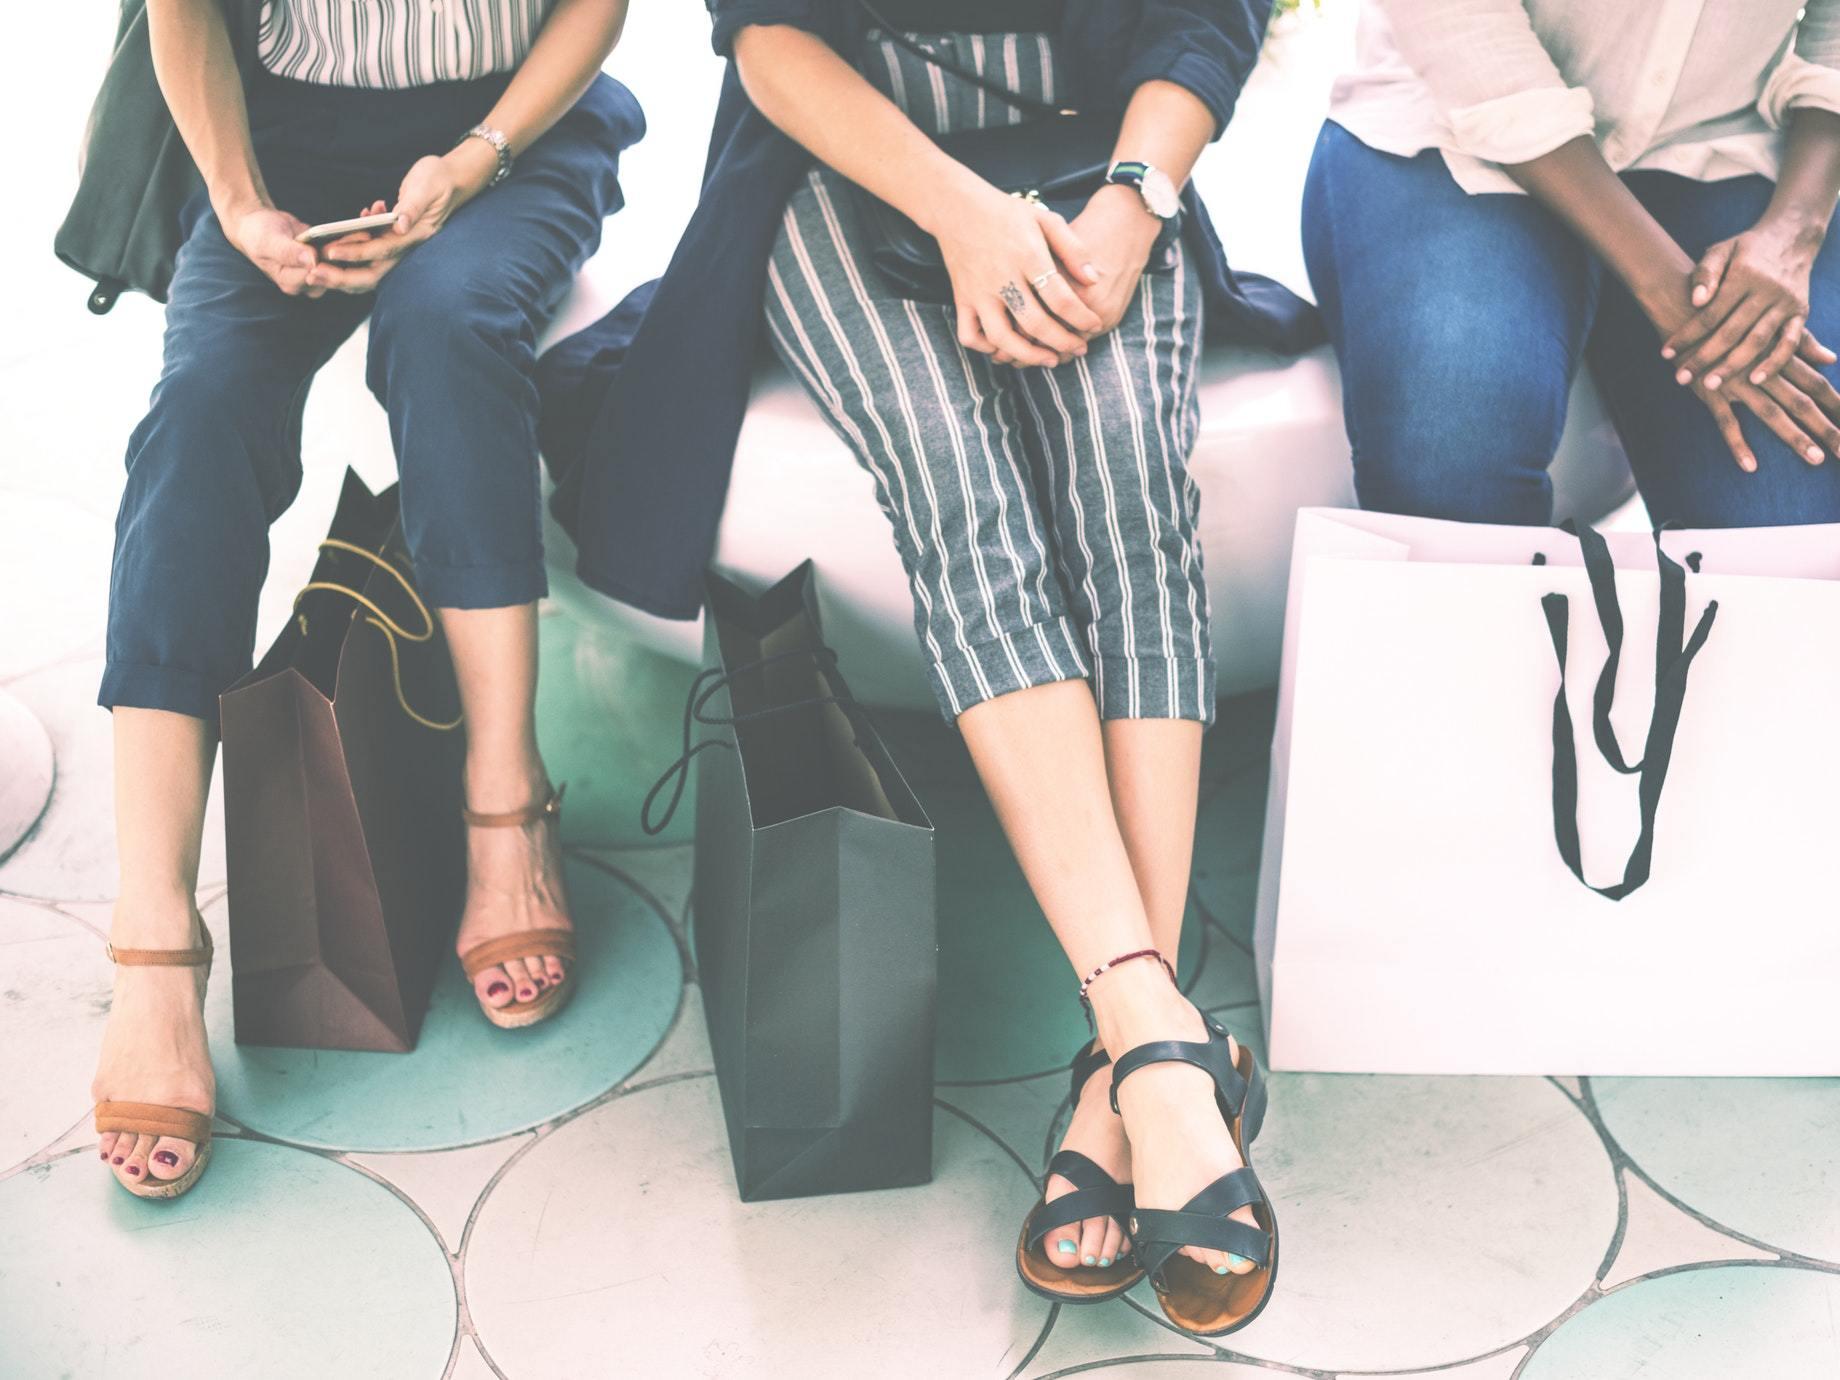 得女性消費者得天下!電商時代要如何攻克女性消費市場 ?